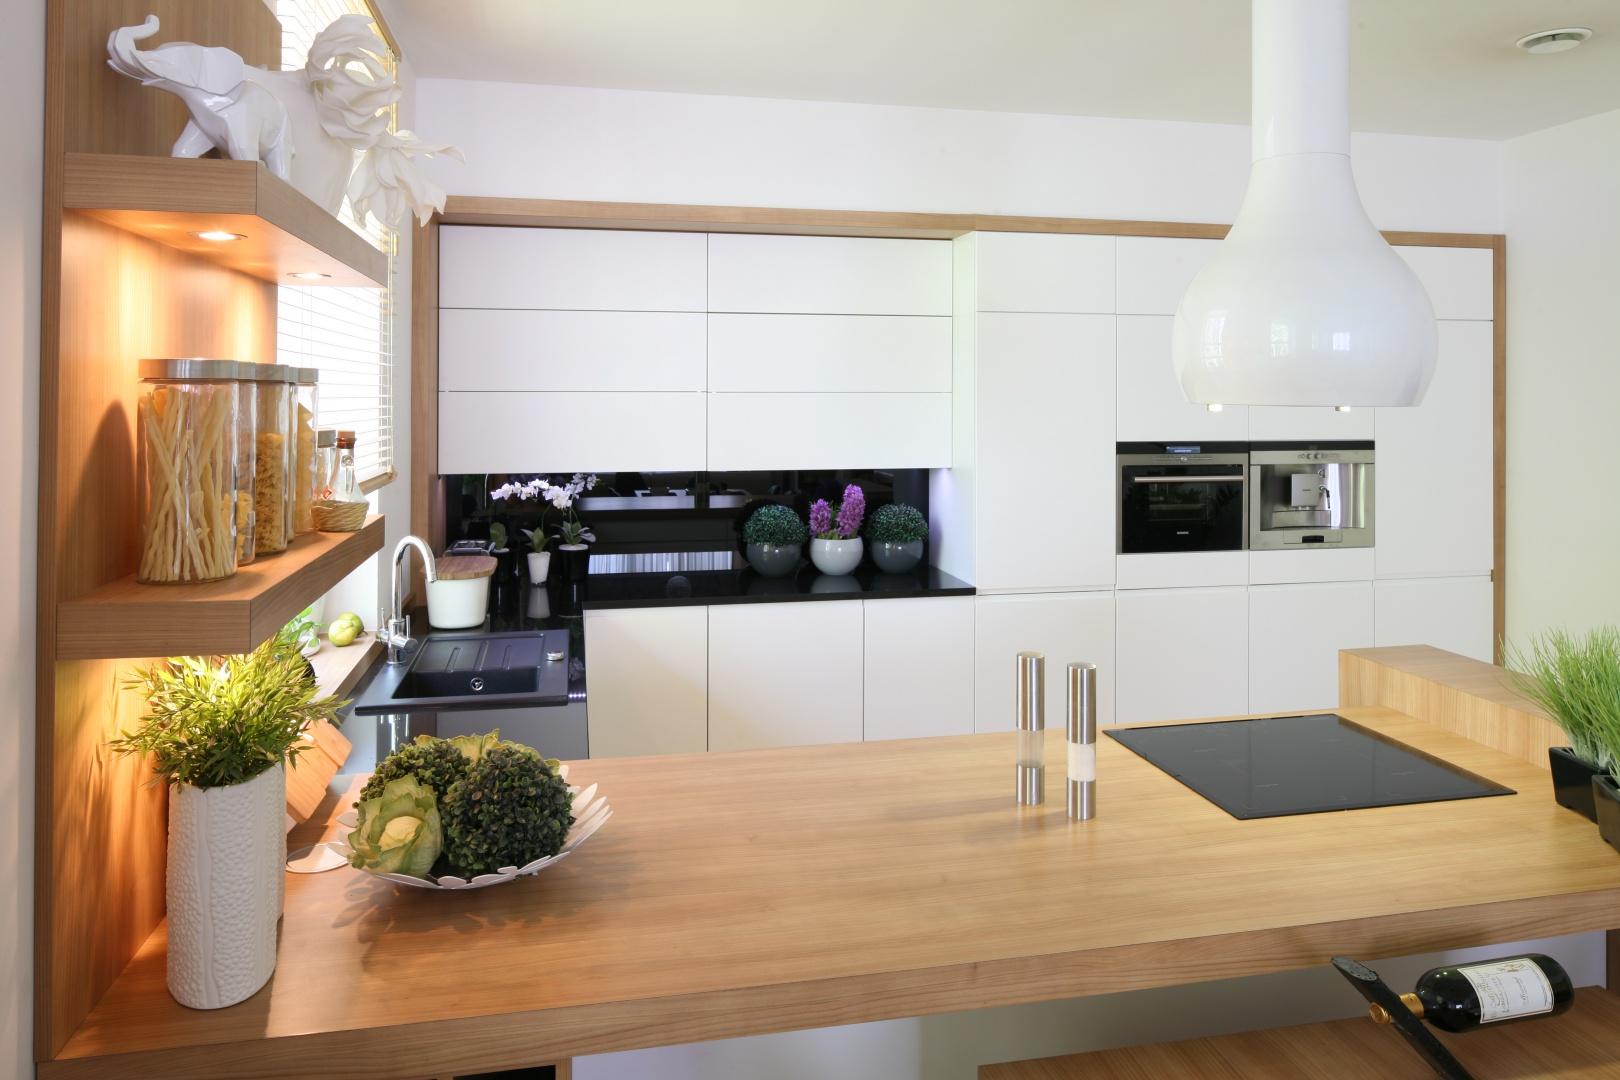 Strefa dzienna ma charakter Biała kuchnia ocieplona   -> Kuchnia Biala Ocieplona Drewnem